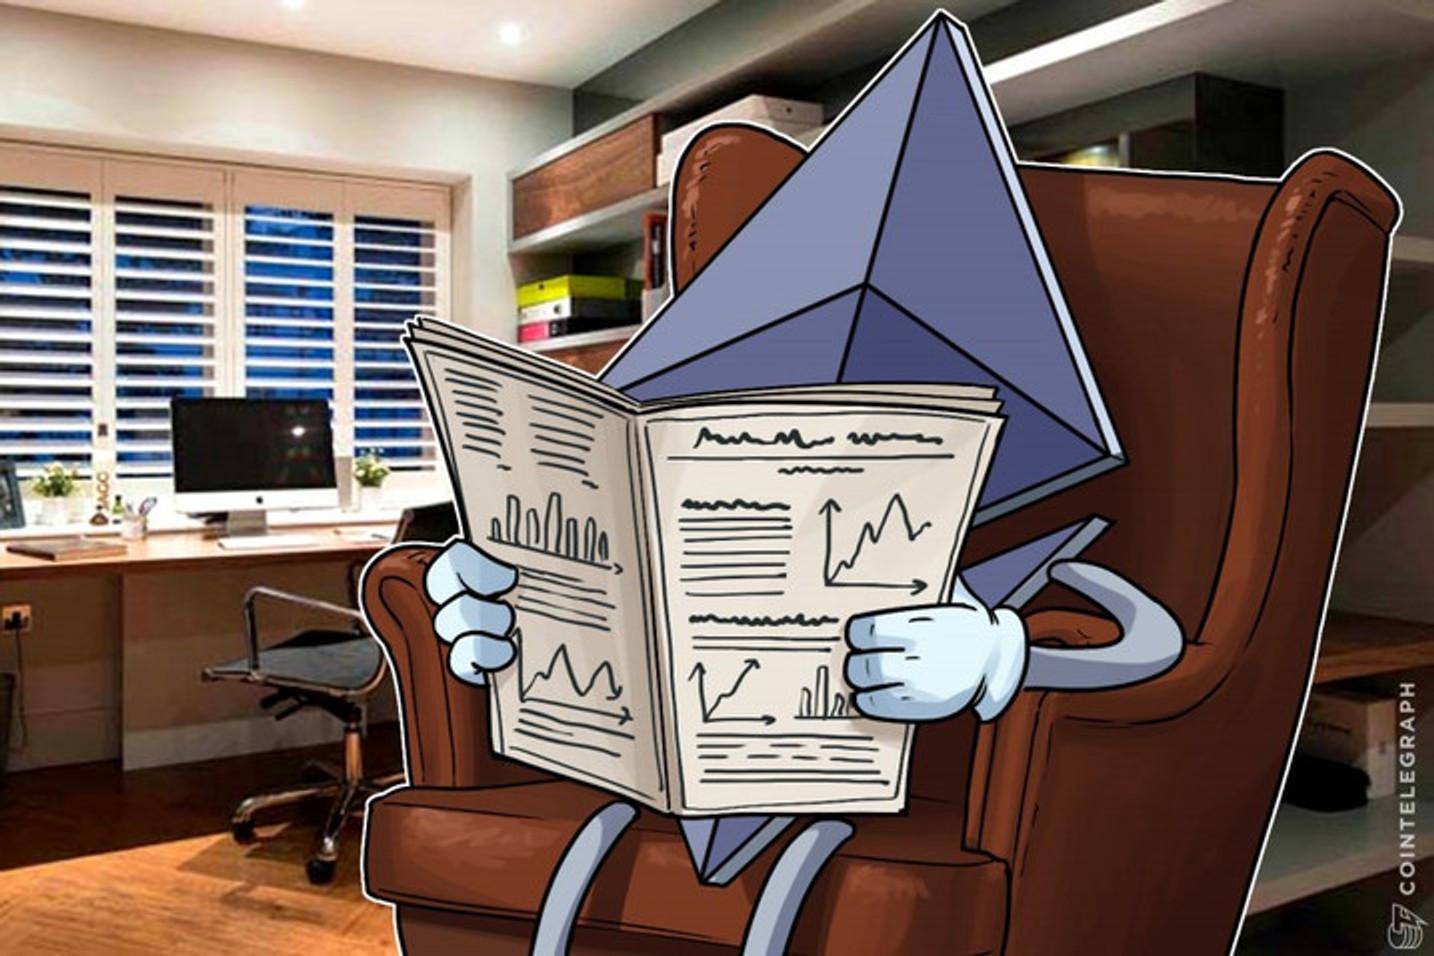 El hashrate de Ethereum aumenta un 30% en lo que va de 2020